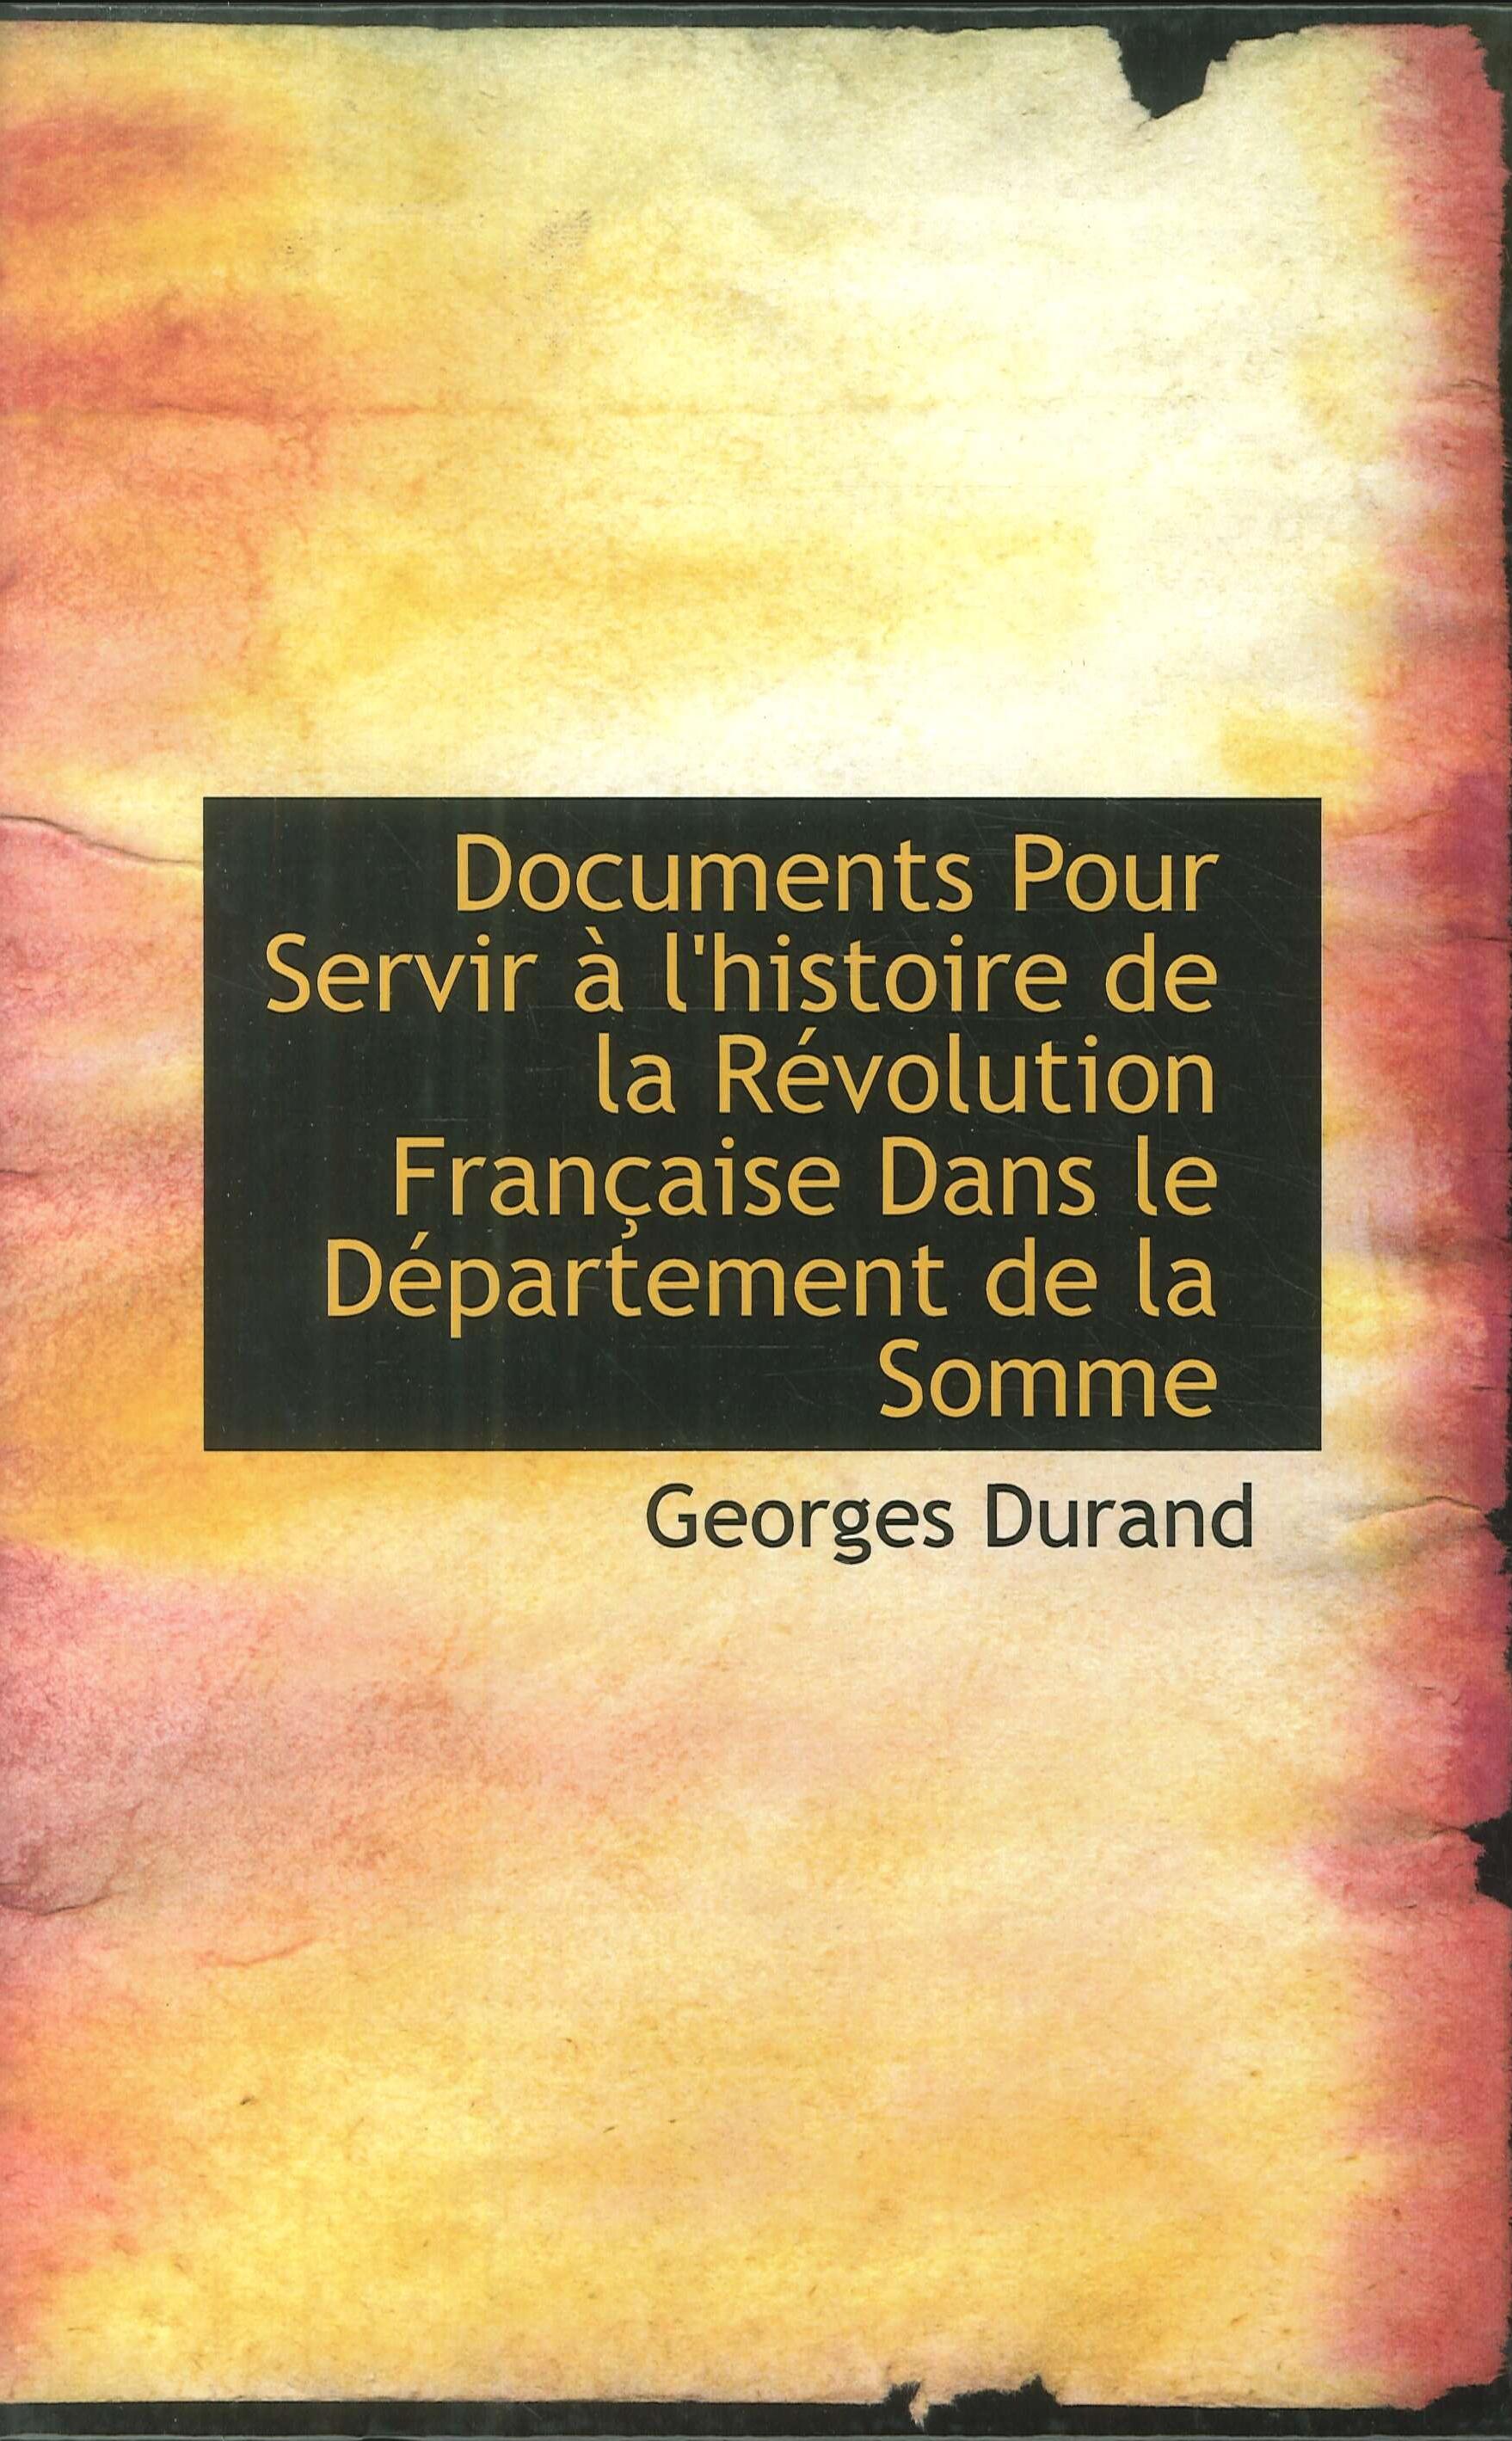 Documents pour servir à l'histoire de la Révolution Francaise dans le Département de la Somme